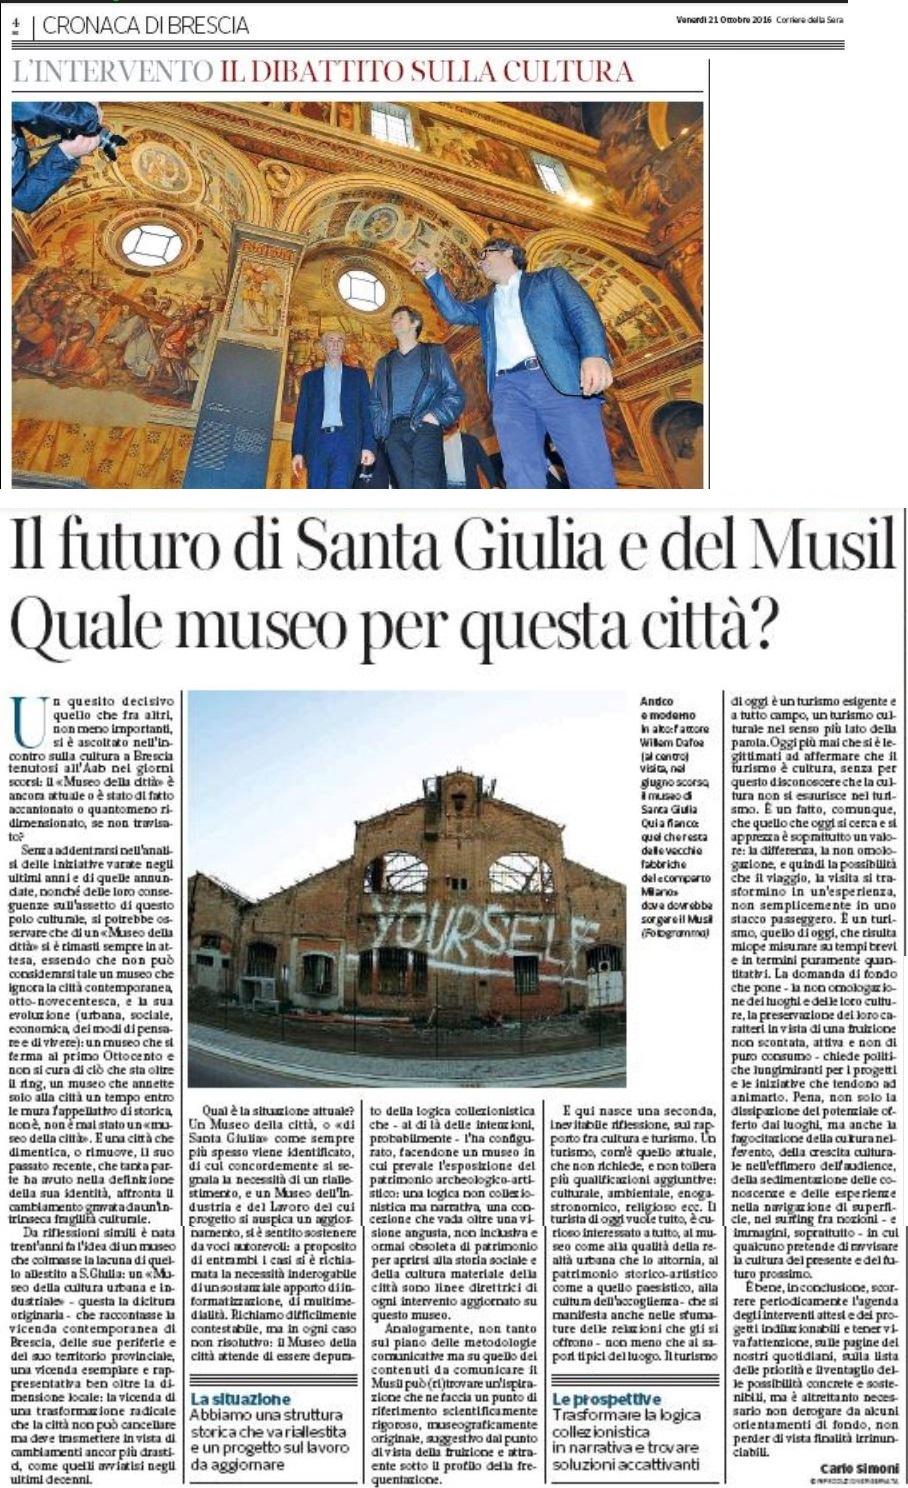 Luoghi cose musei / Il futuro di Santa Giulia e del Musil. Quale museo per questa città?